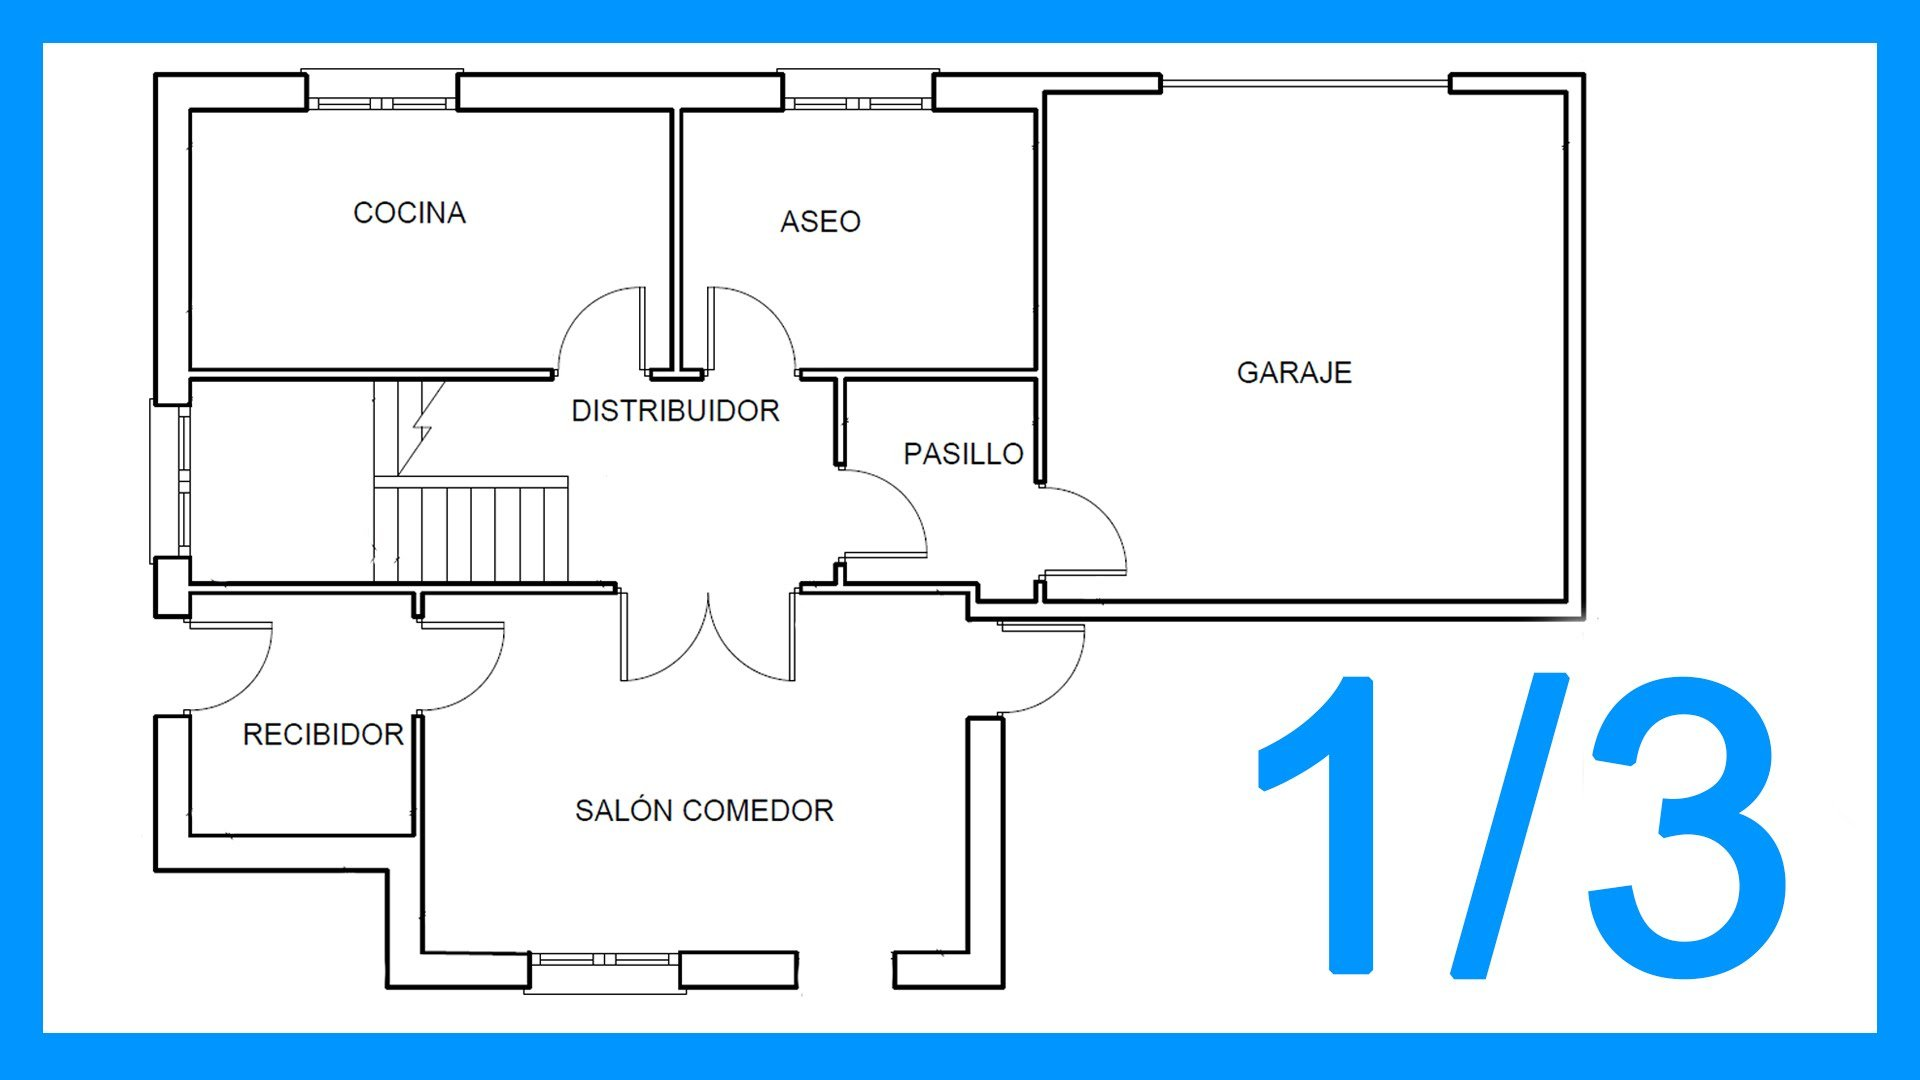 Autocad - 1/3 Dibujar el plano de una casa paso a paso en Autocad. - Saber  Programas